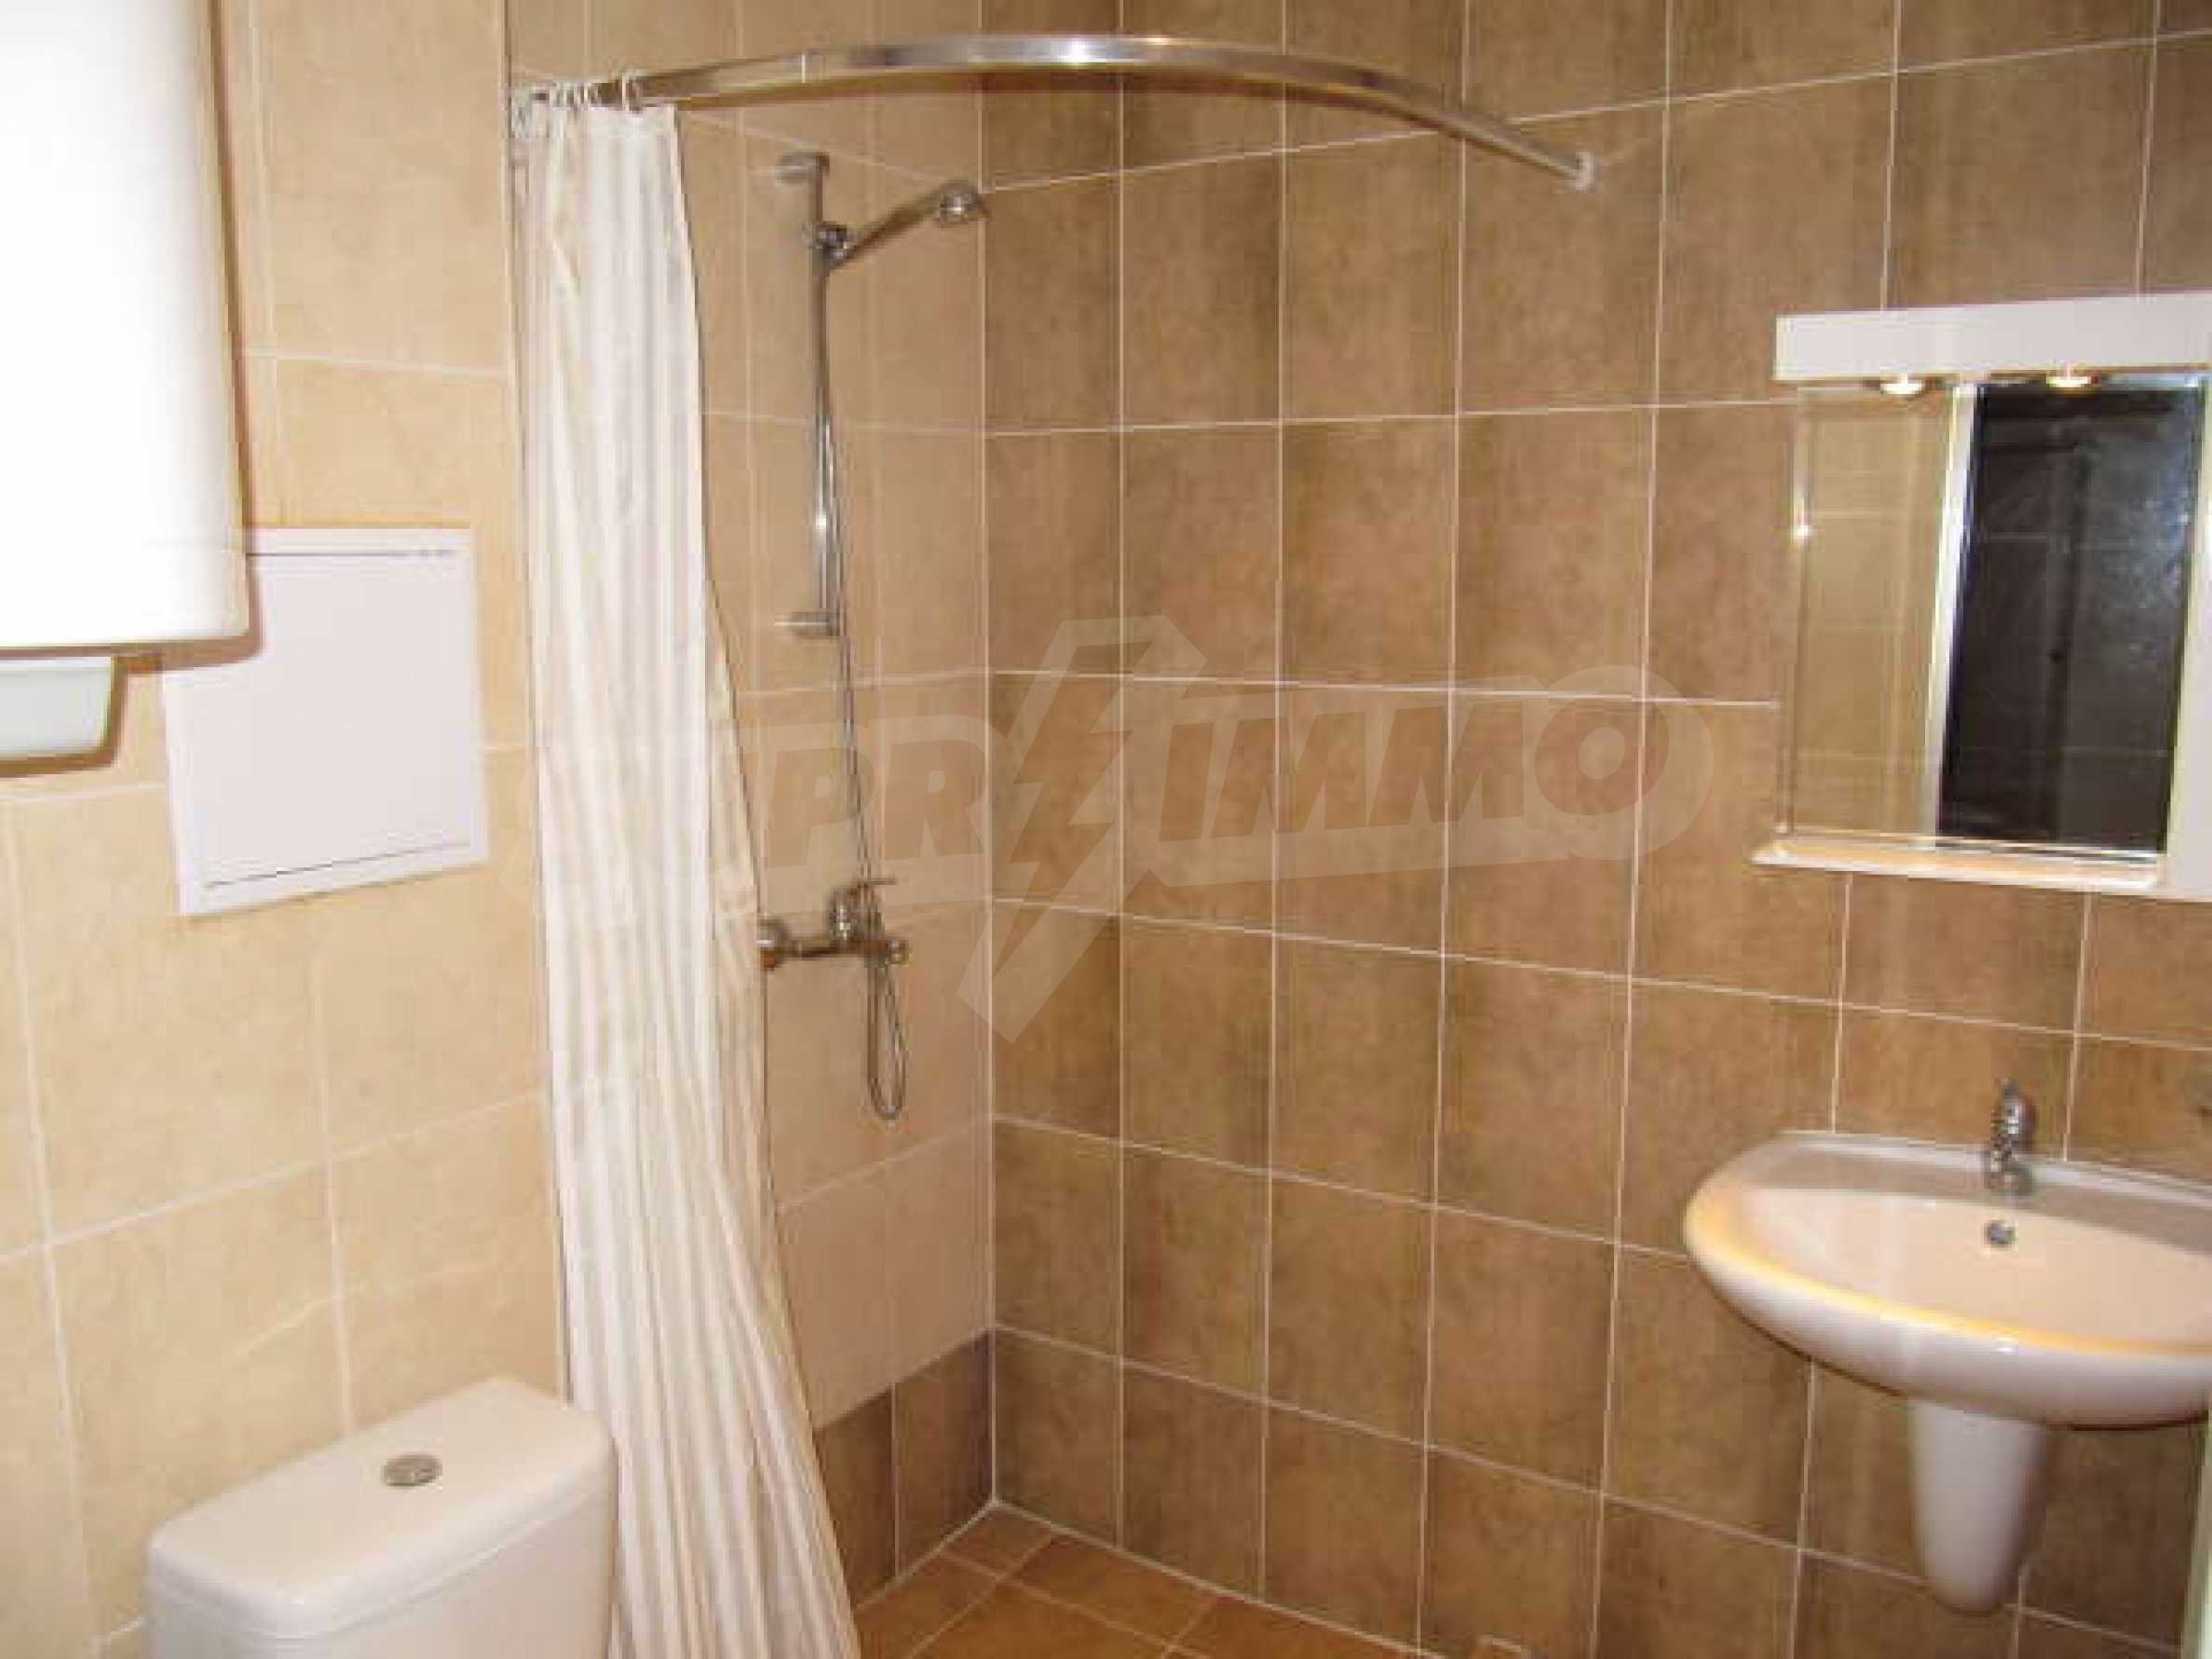 Komplett eingerichtete und ausgestattete Wohnung im Lucky-Komplex in Pamporovo 5